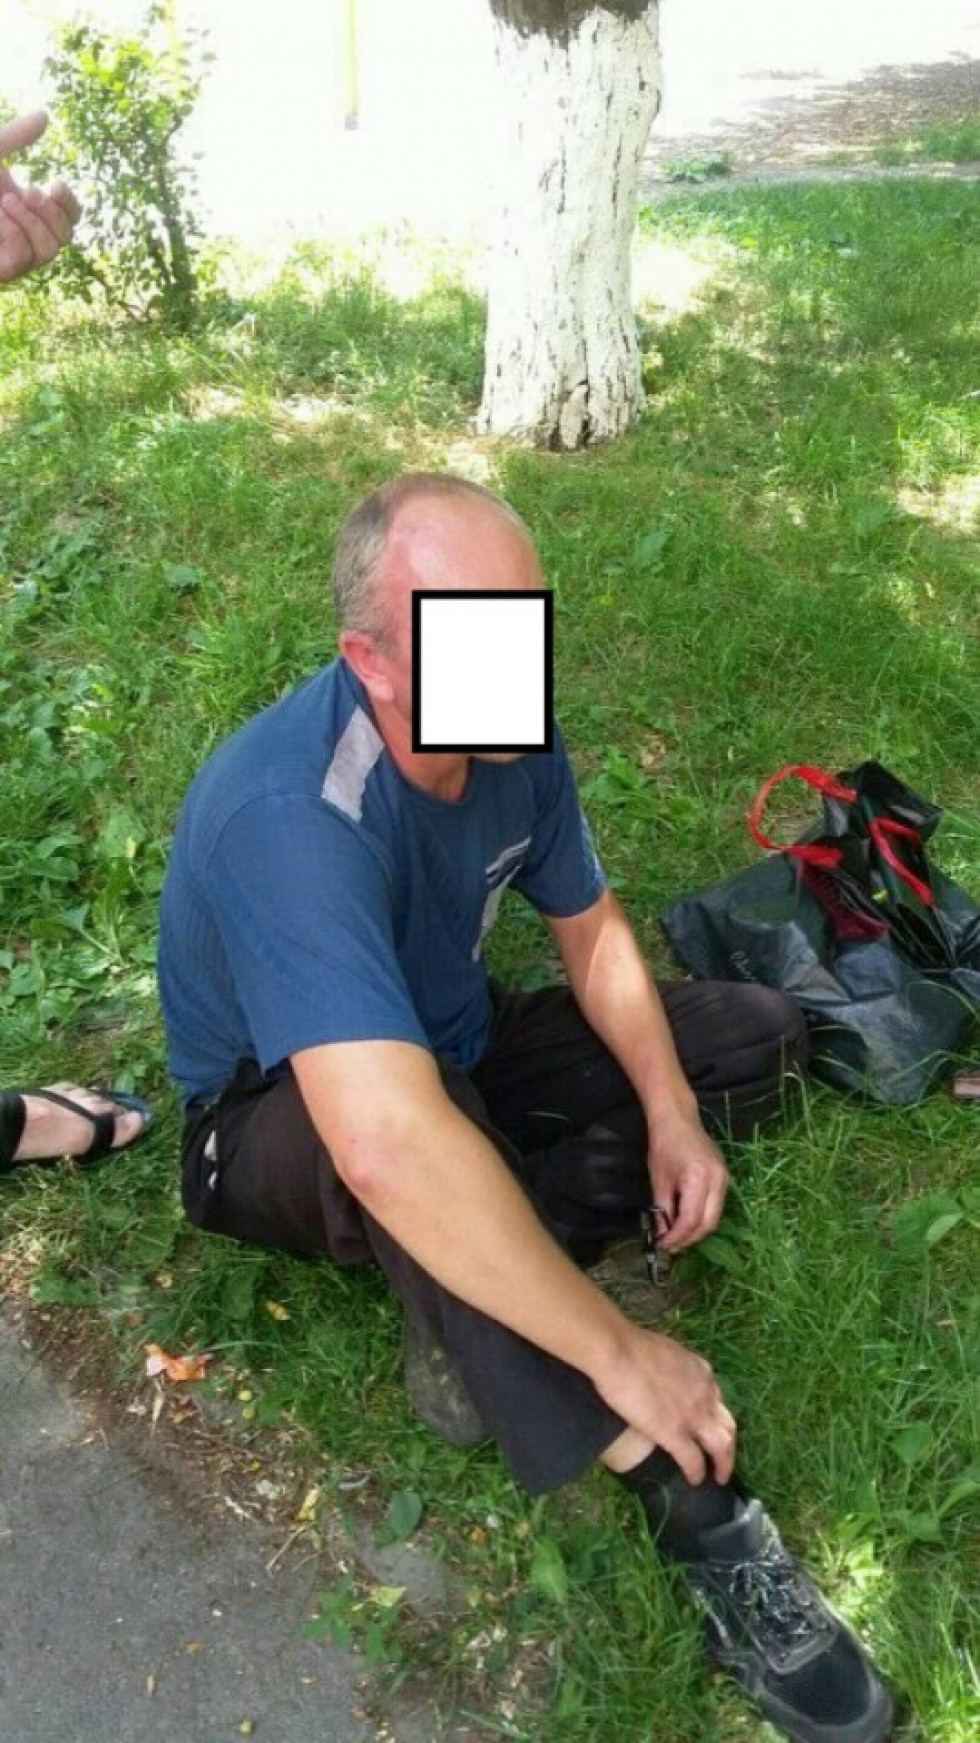 45-річний чоловік показував свій статевий орган при дітях